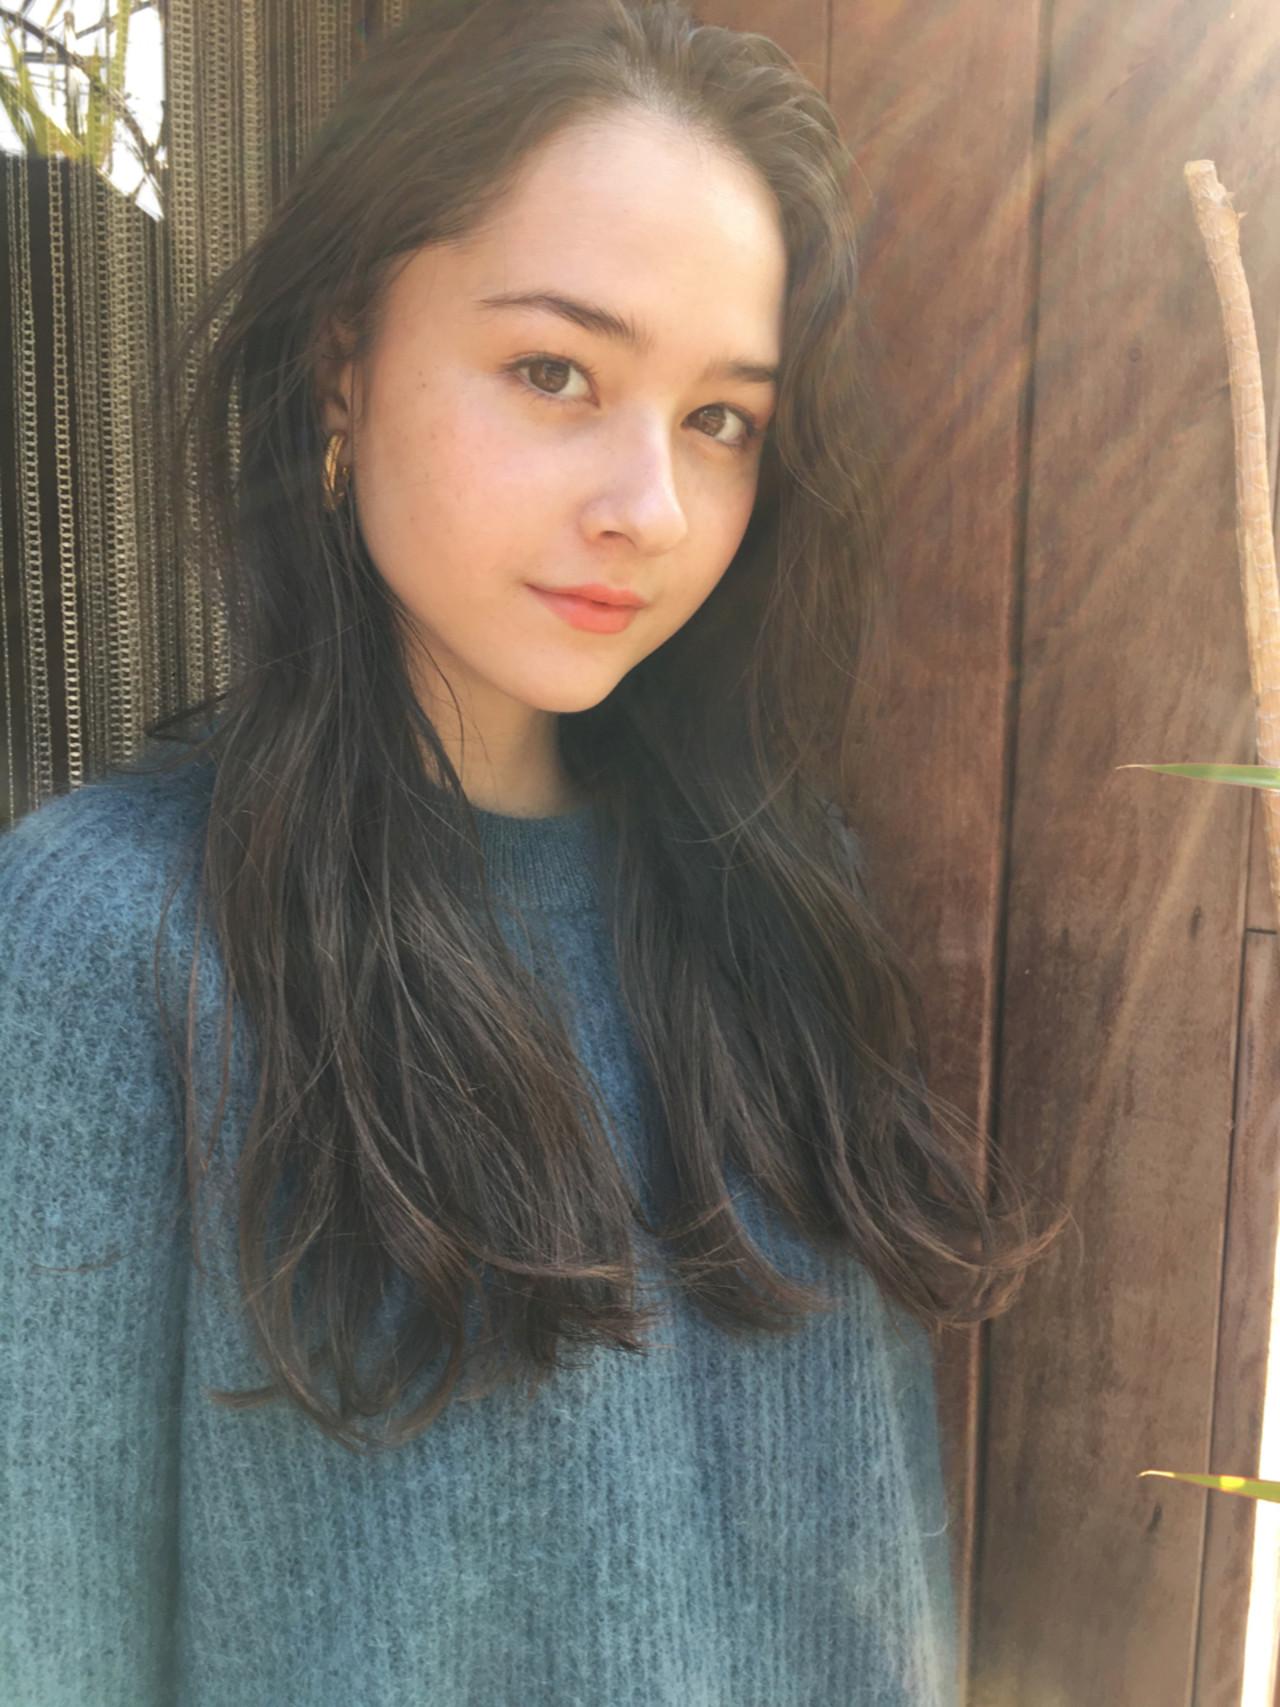 ロング 束感 冬 くせ毛風 ヘアスタイルや髪型の写真・画像